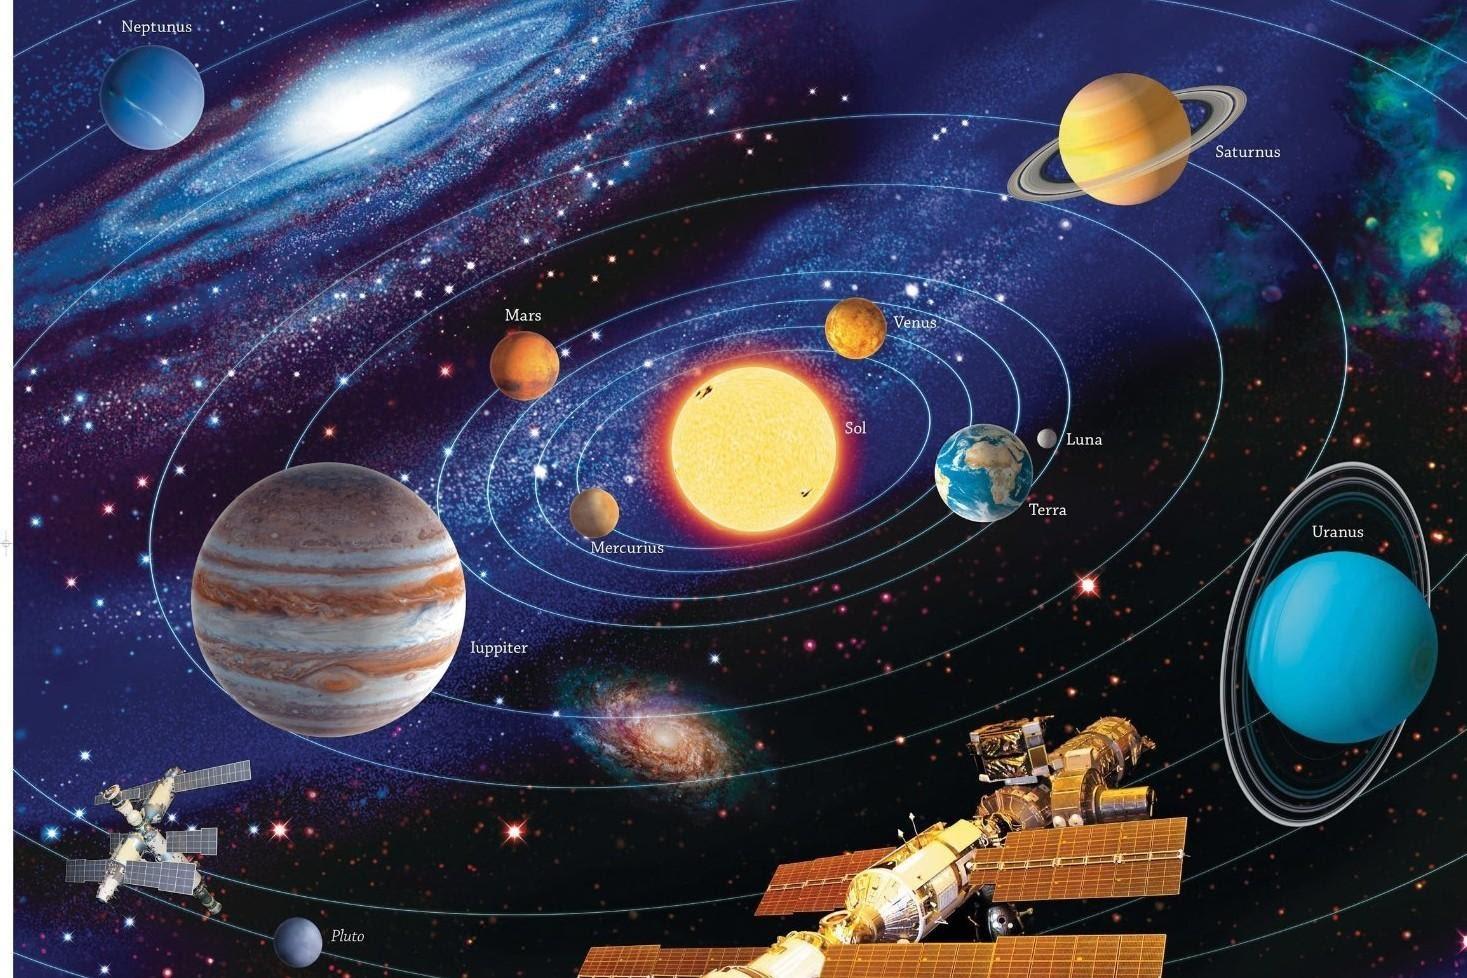 Il Sistema Solare Si Sta Gonfiando Cultura A Colori